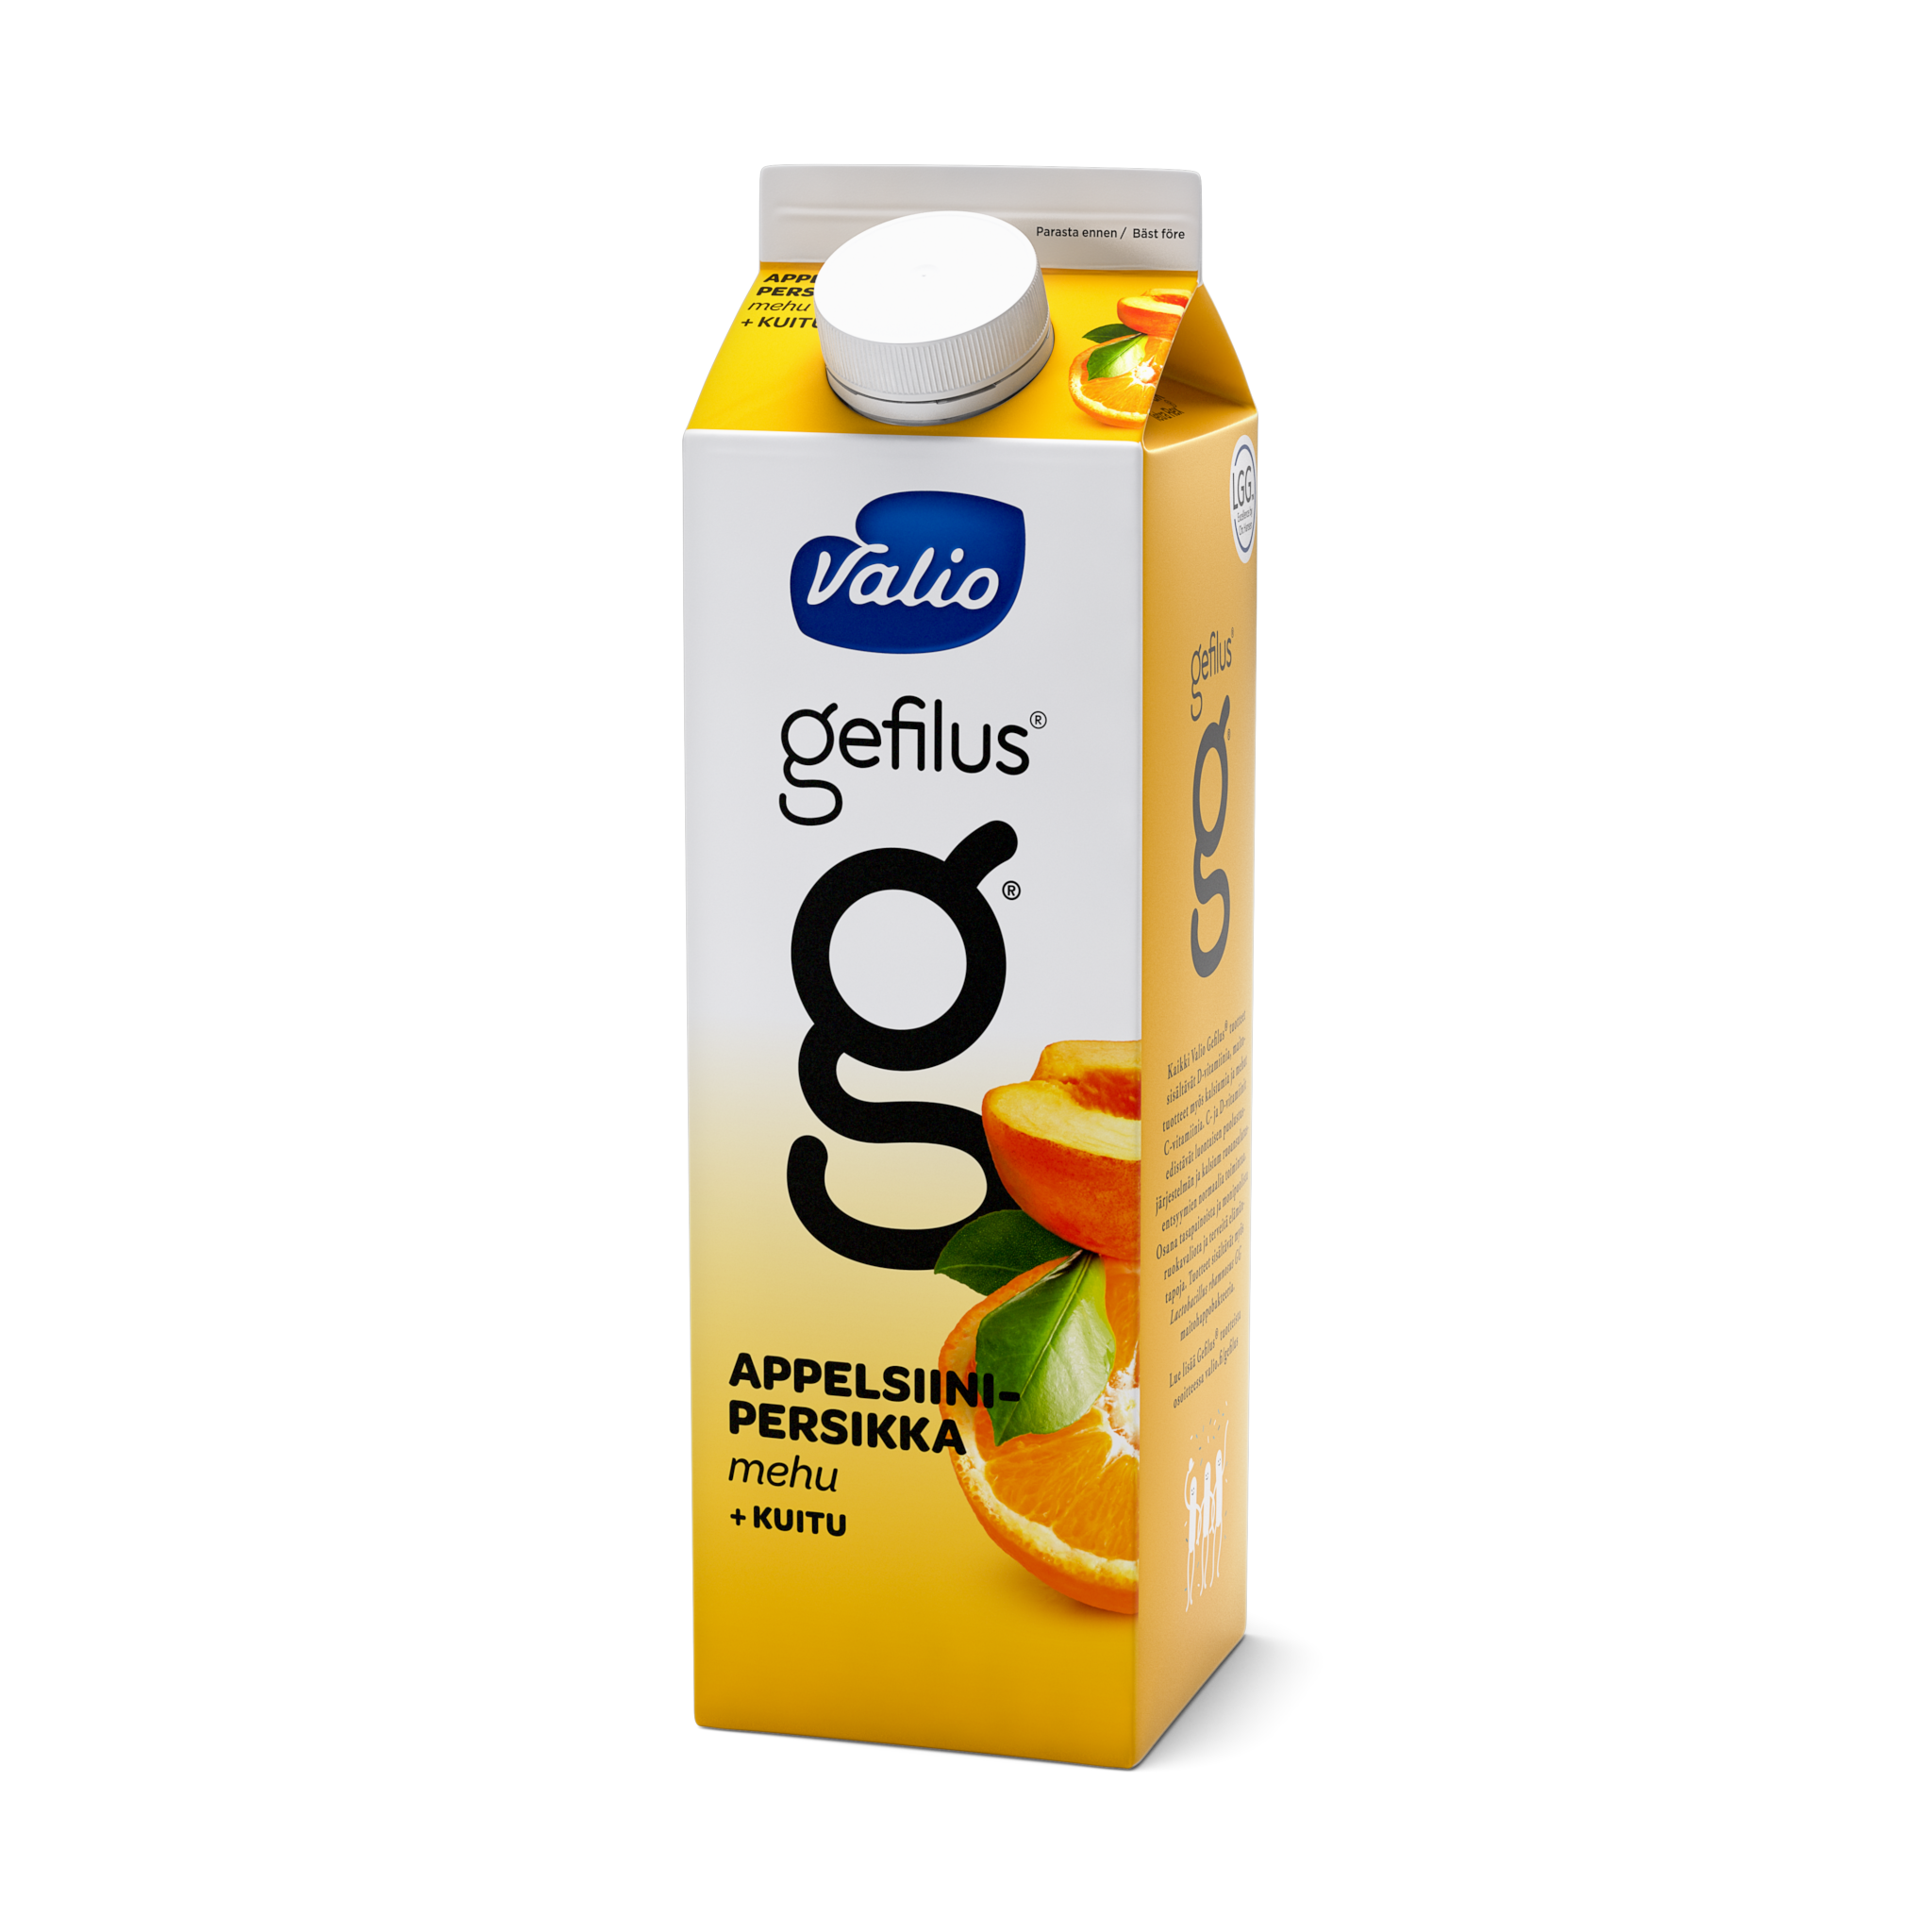 Valio Gefilus® mehu appelsiini-persikka+kuitu